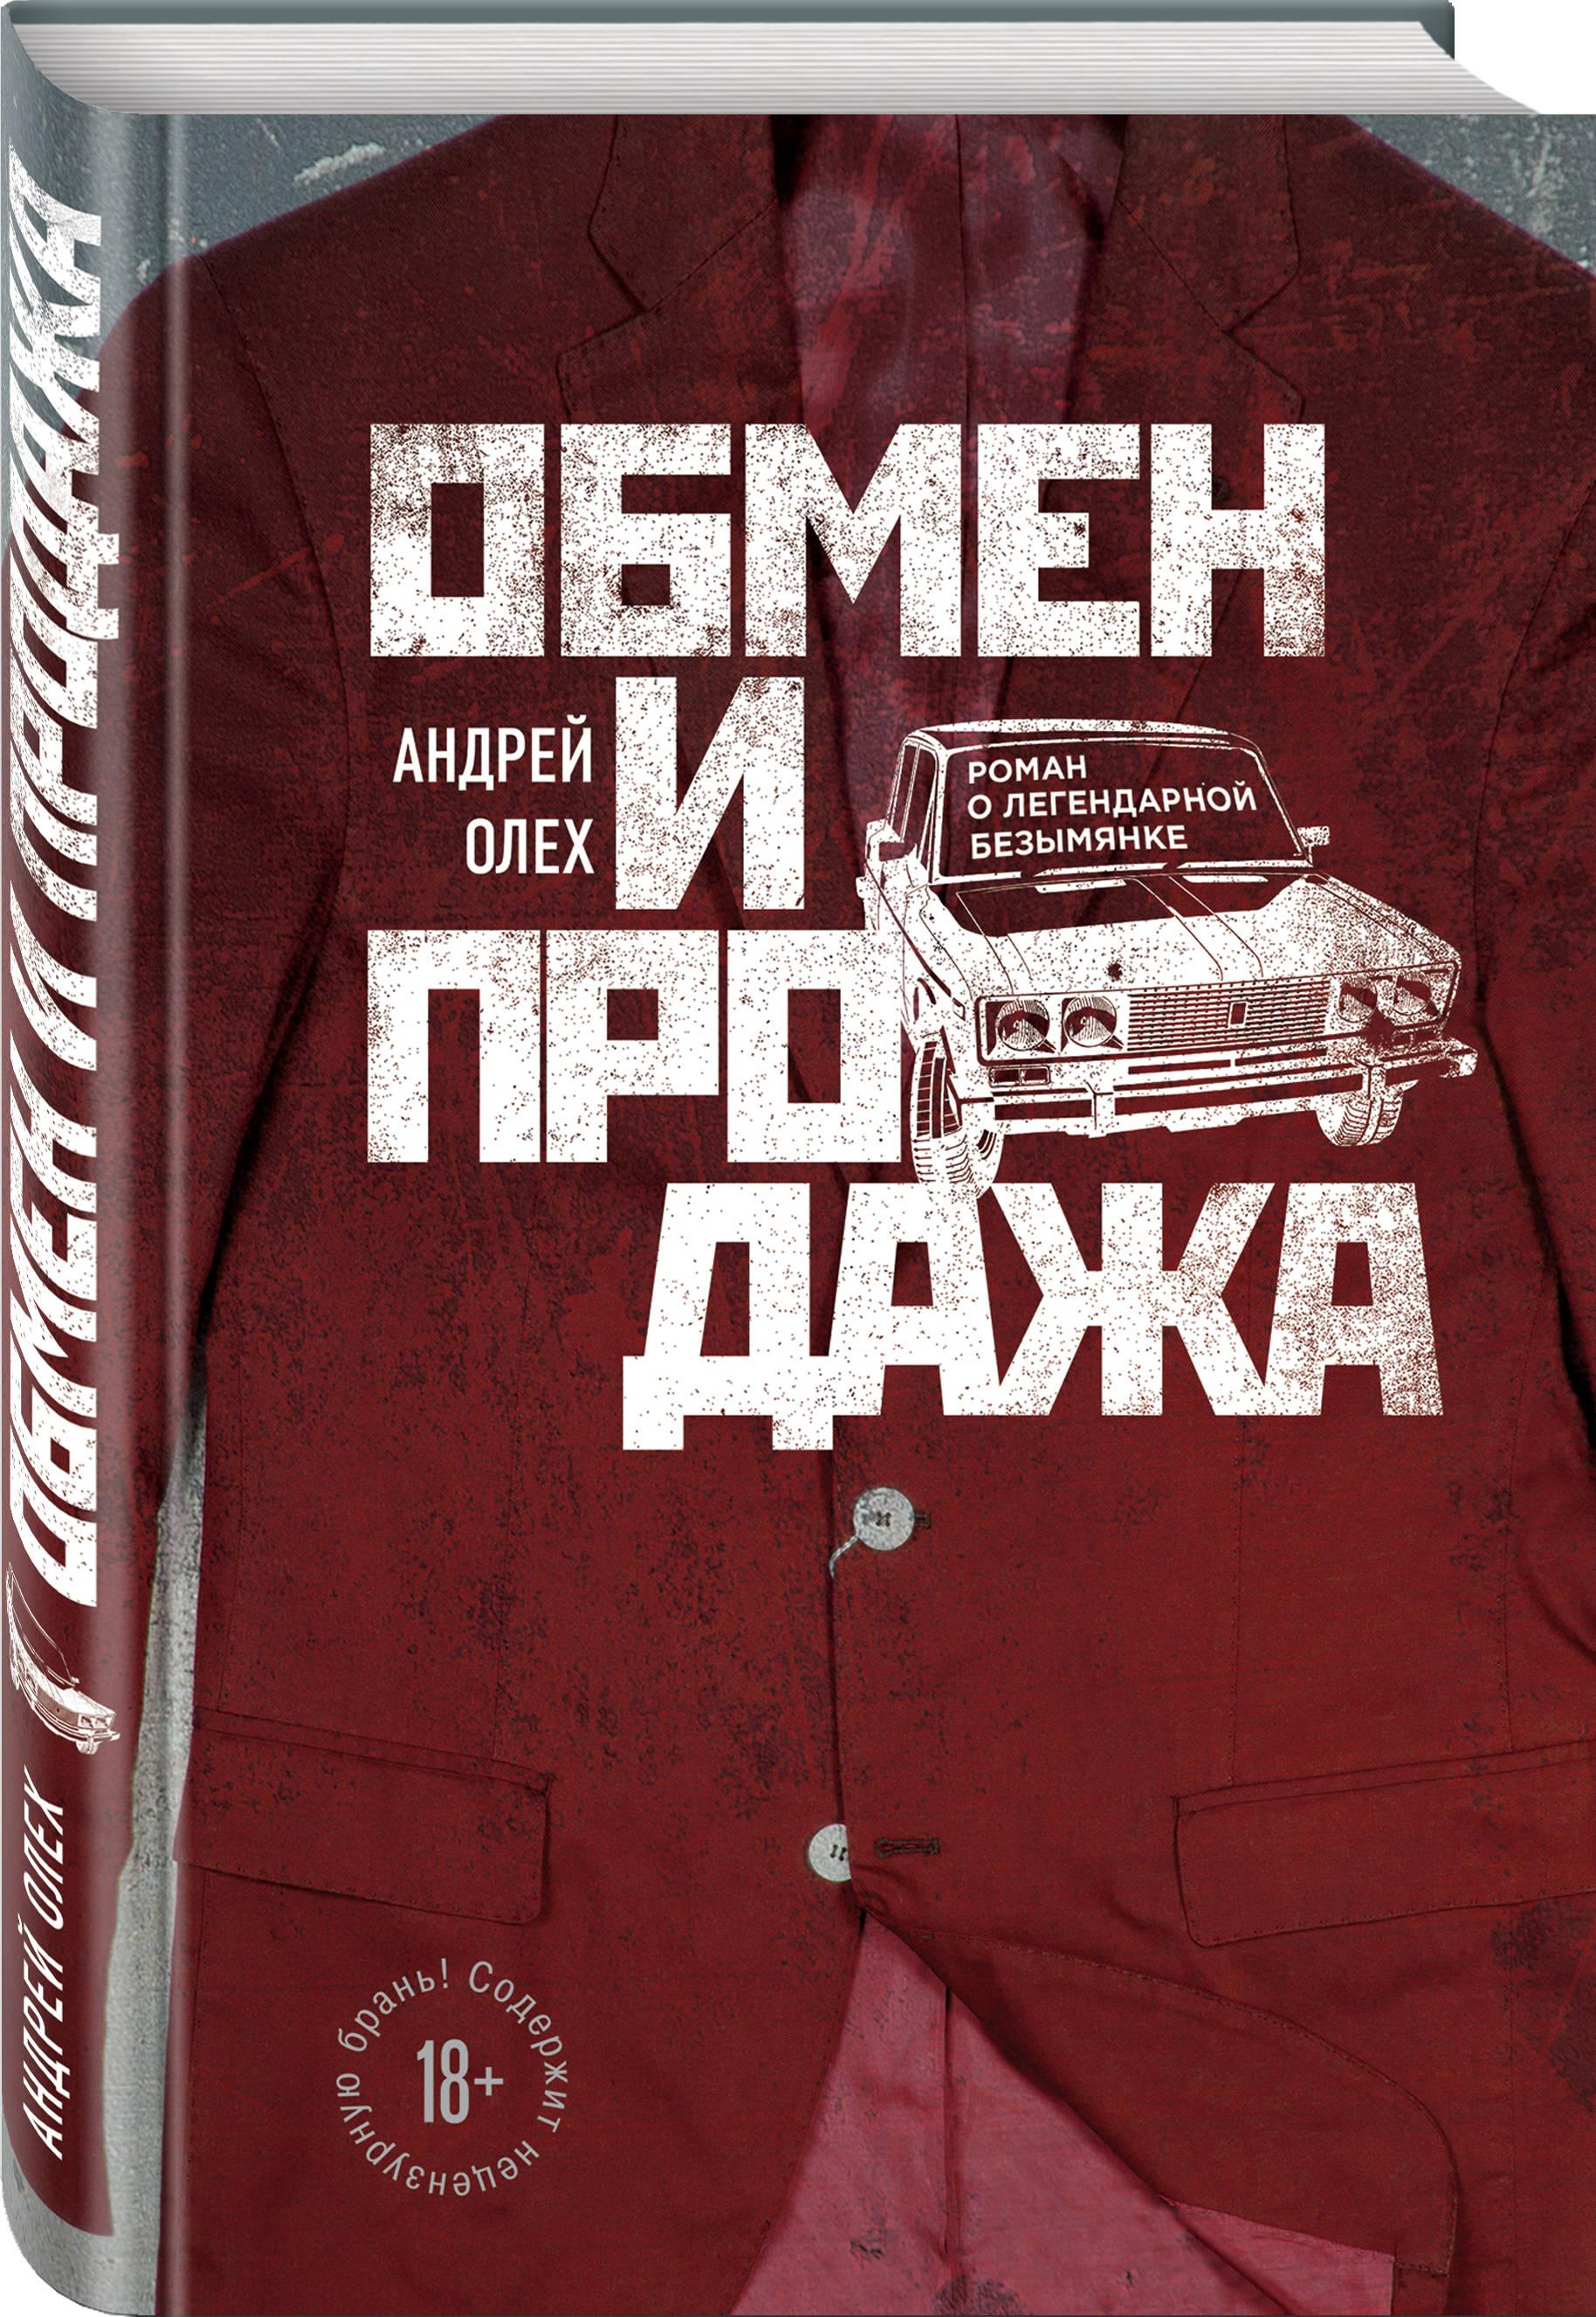 Олех Андрей Юрьевич Обмен и продажа